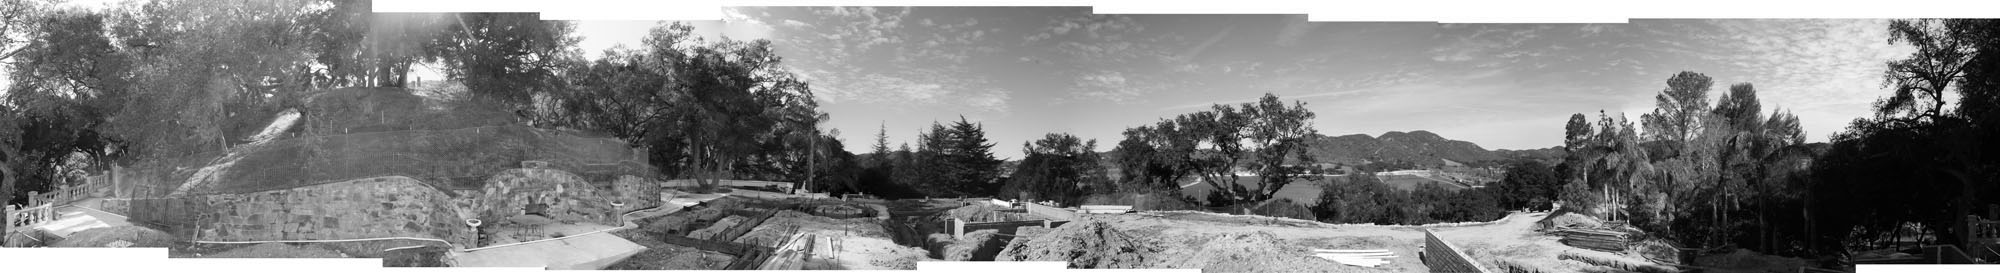 Panorama3 BandW